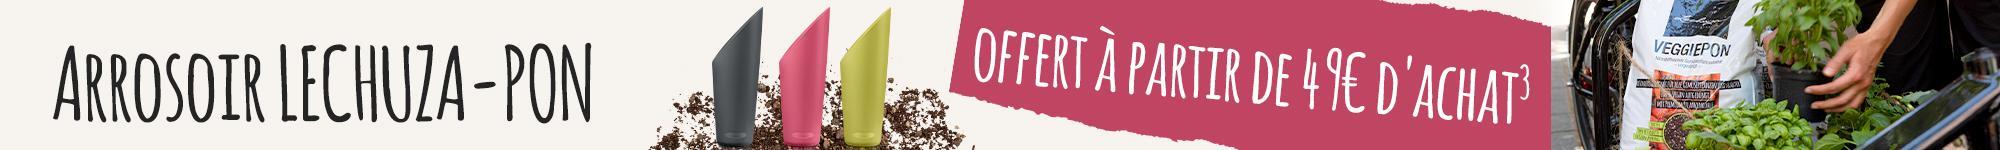 Arrosoir LECHUZA-PON offert à partir de 49€ d'achat